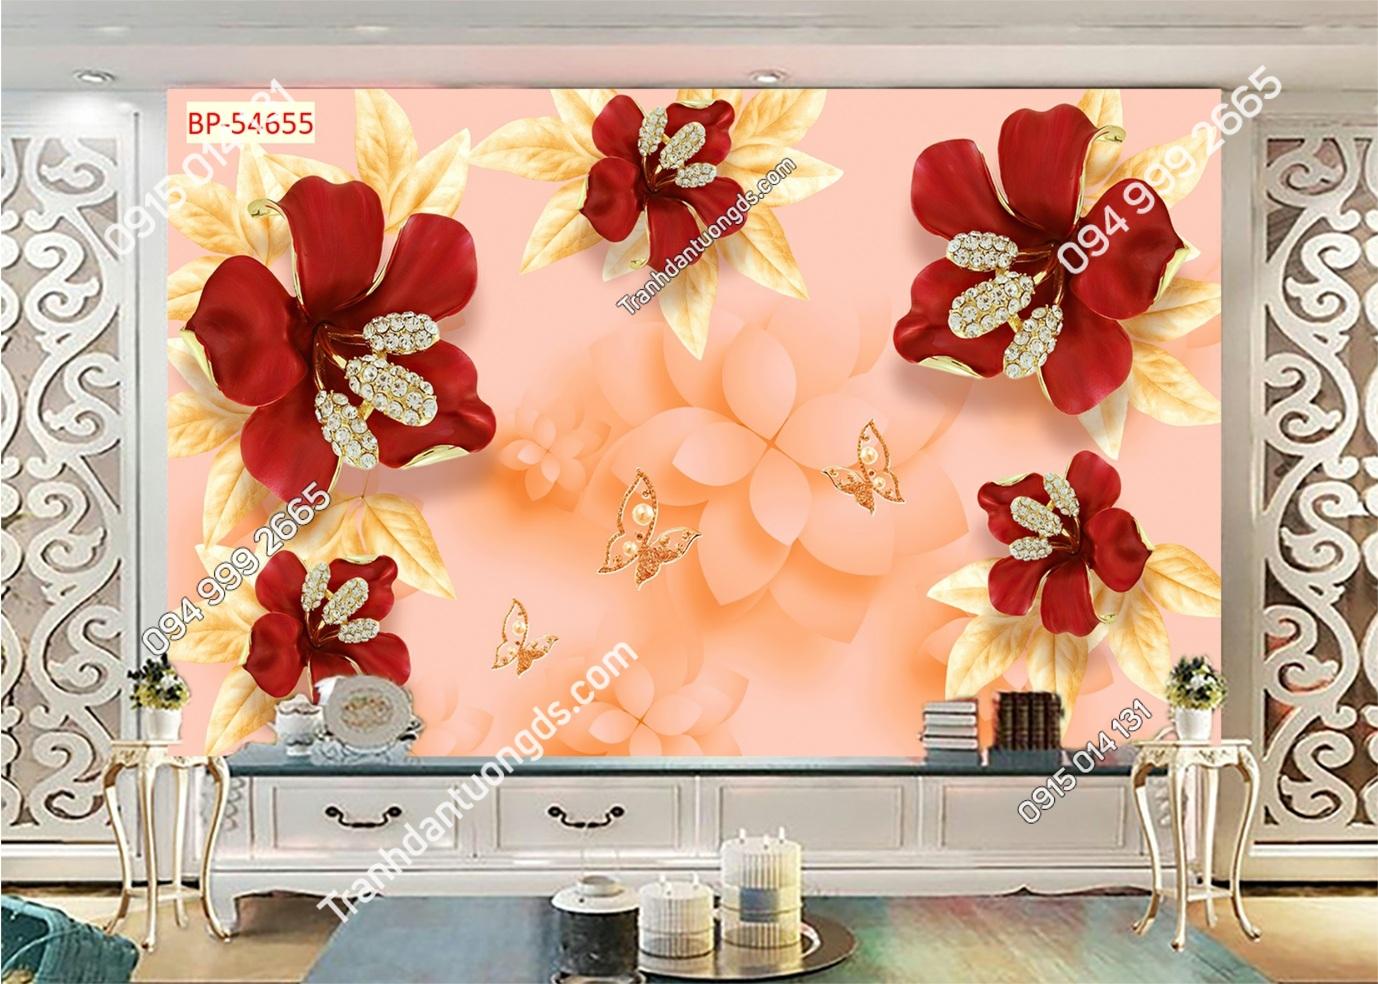 Tranh dán tường hoa 3D màu đỏ 54655